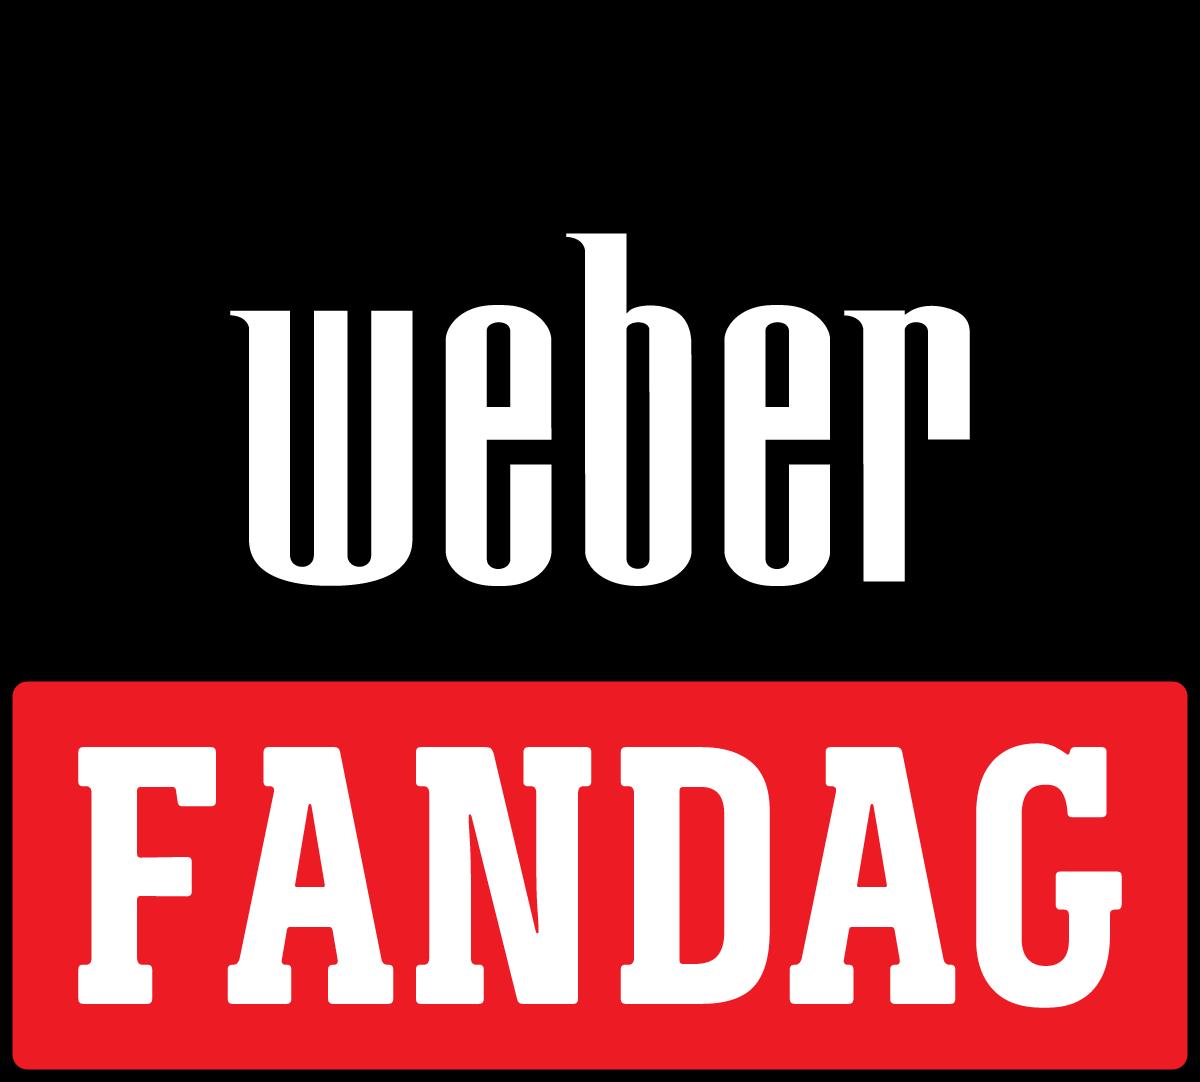 Weber  Nl  Fandag  Logo  Primary  Rgb